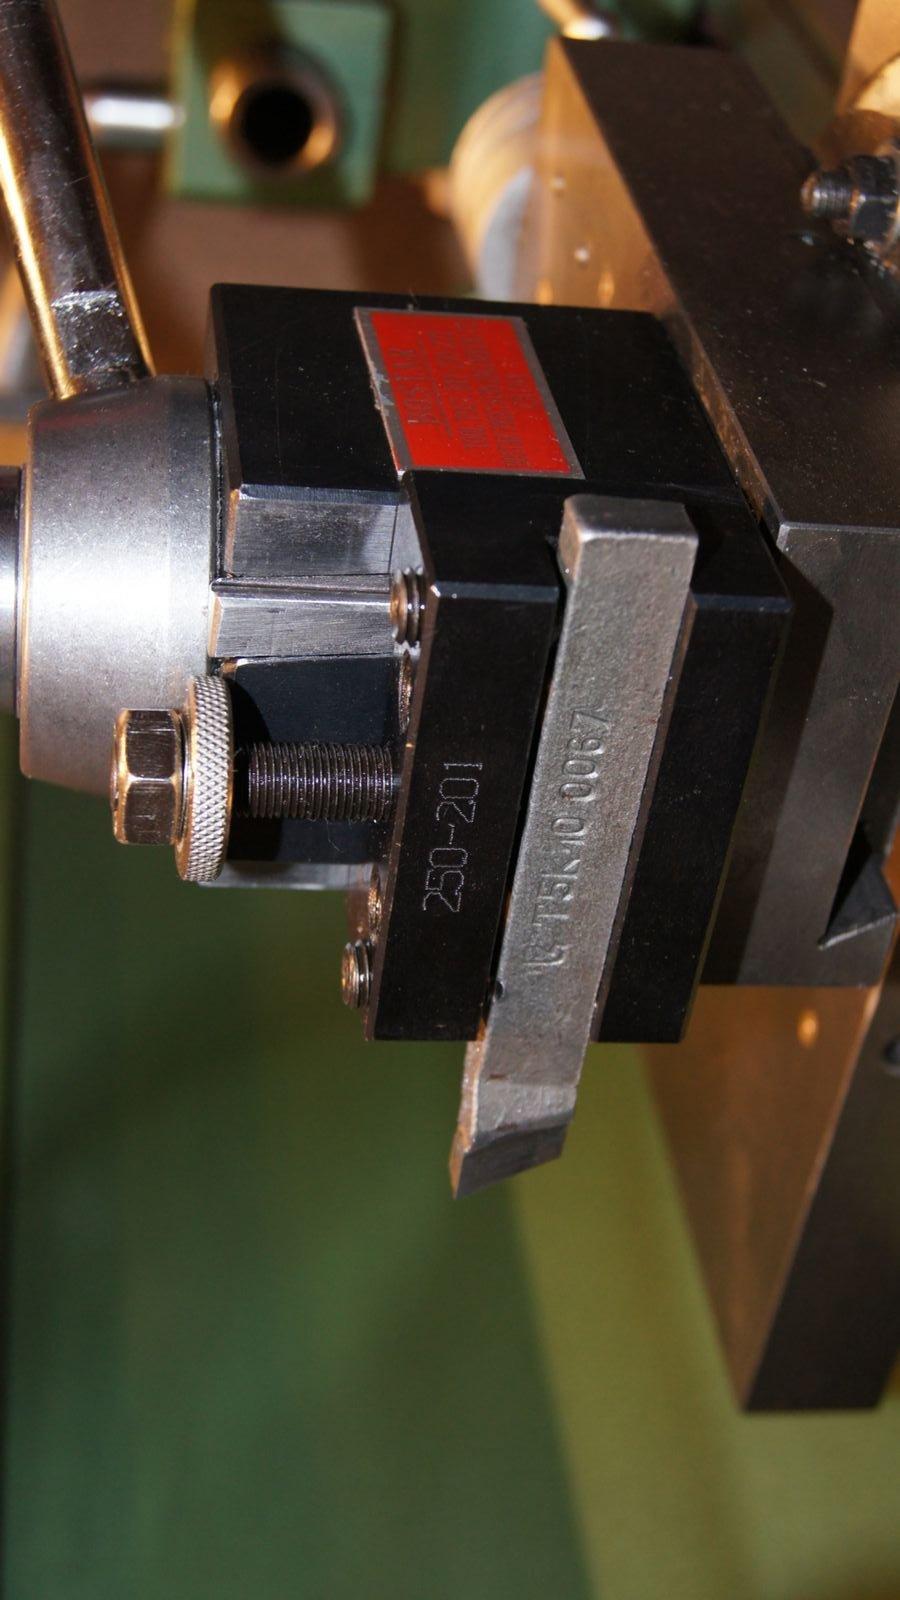 Токарный станок KY250B (CQ6126, Paulimot PM3600)